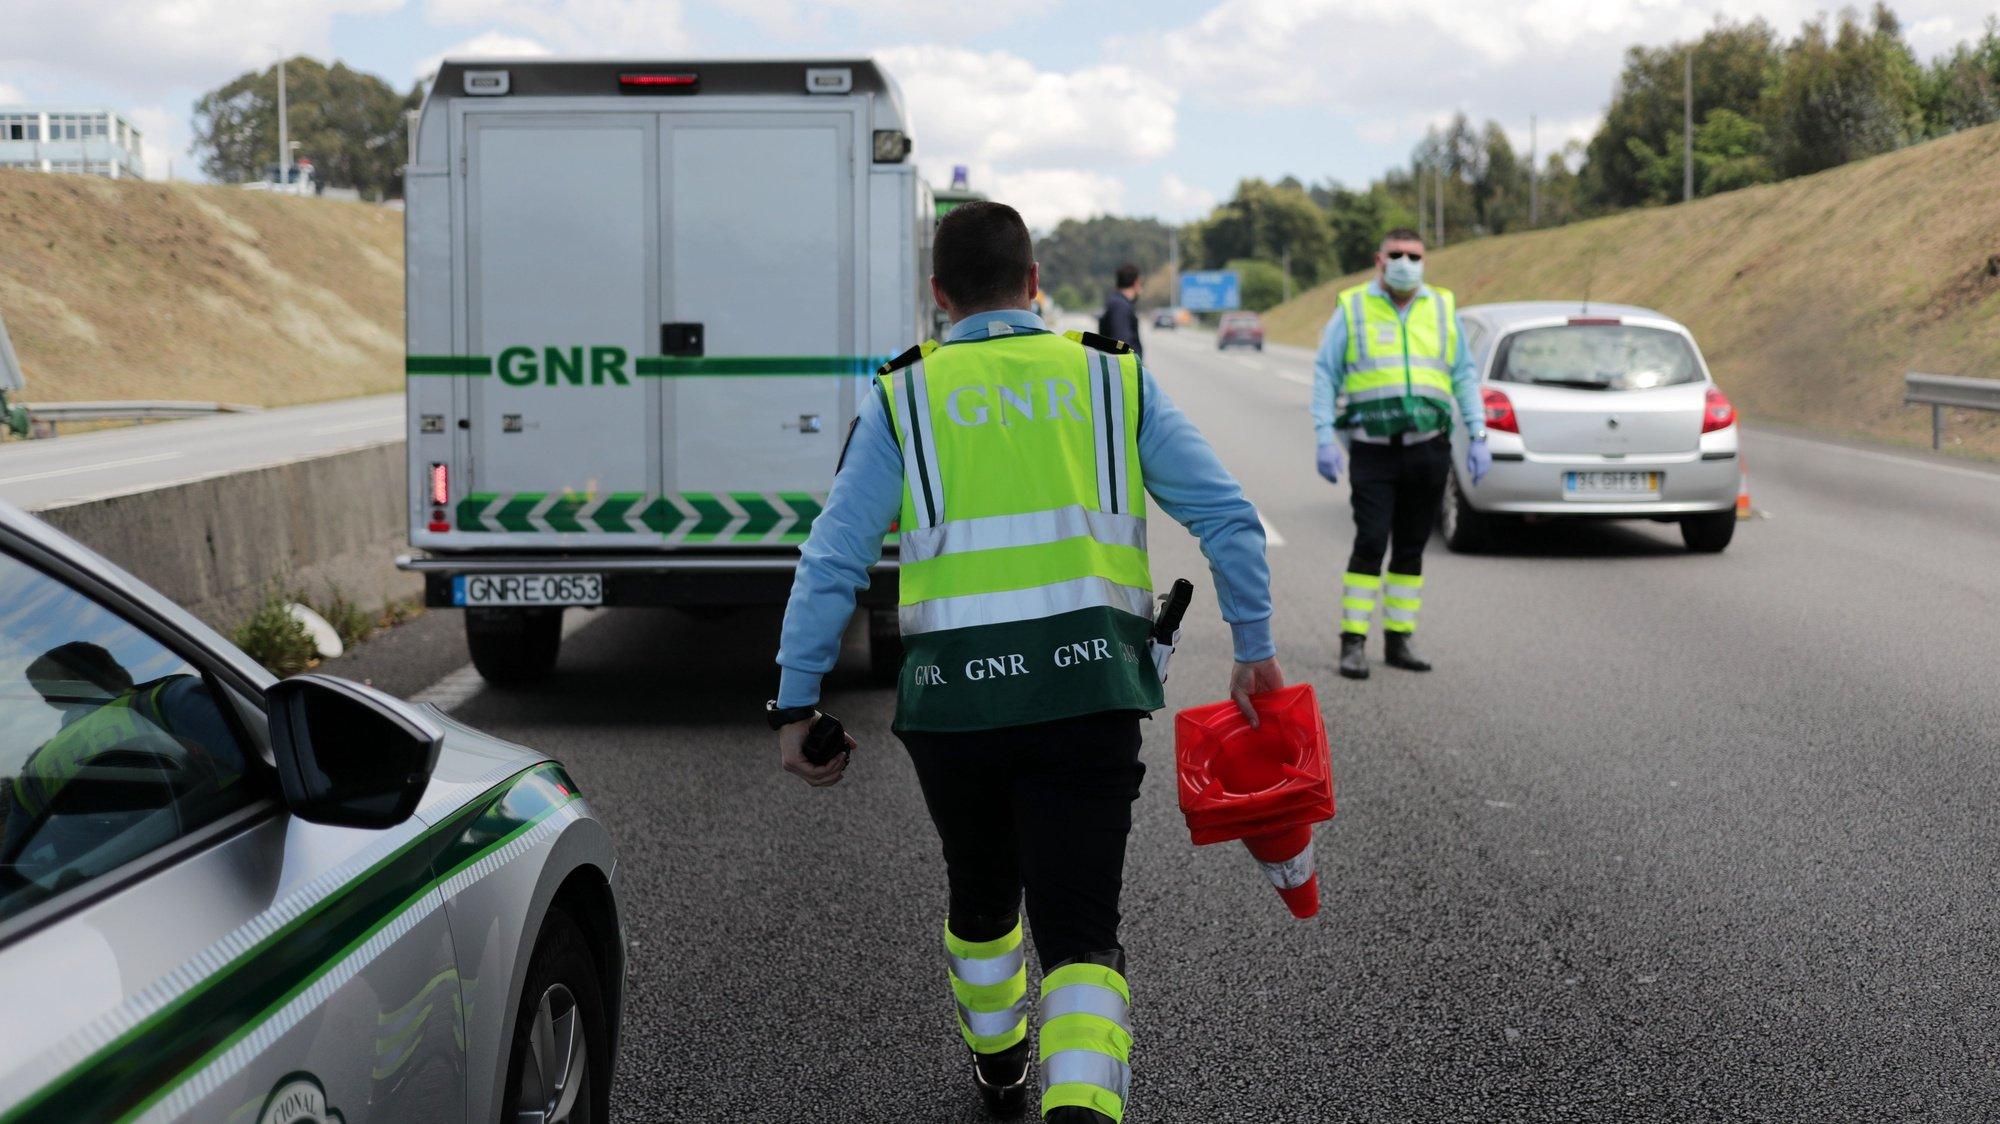 Agentes da Guarda Nacional Republicana (GNR) fazem uma operação Stop de sensibilização para o cumprimento do dever geral de isolamento devido à pandemia covid-19, com corte da Autoestrada A4 junta às portagens de Ermesinde, Valongo, 03 abril 2020. Em Portugal, registaram-se 246 mortes e 9.886 infeções confirmadas, segundo o balanço feito hoje pela Direção-Geral da Saúde (DGS).  ESTELA SILVA/LUSA